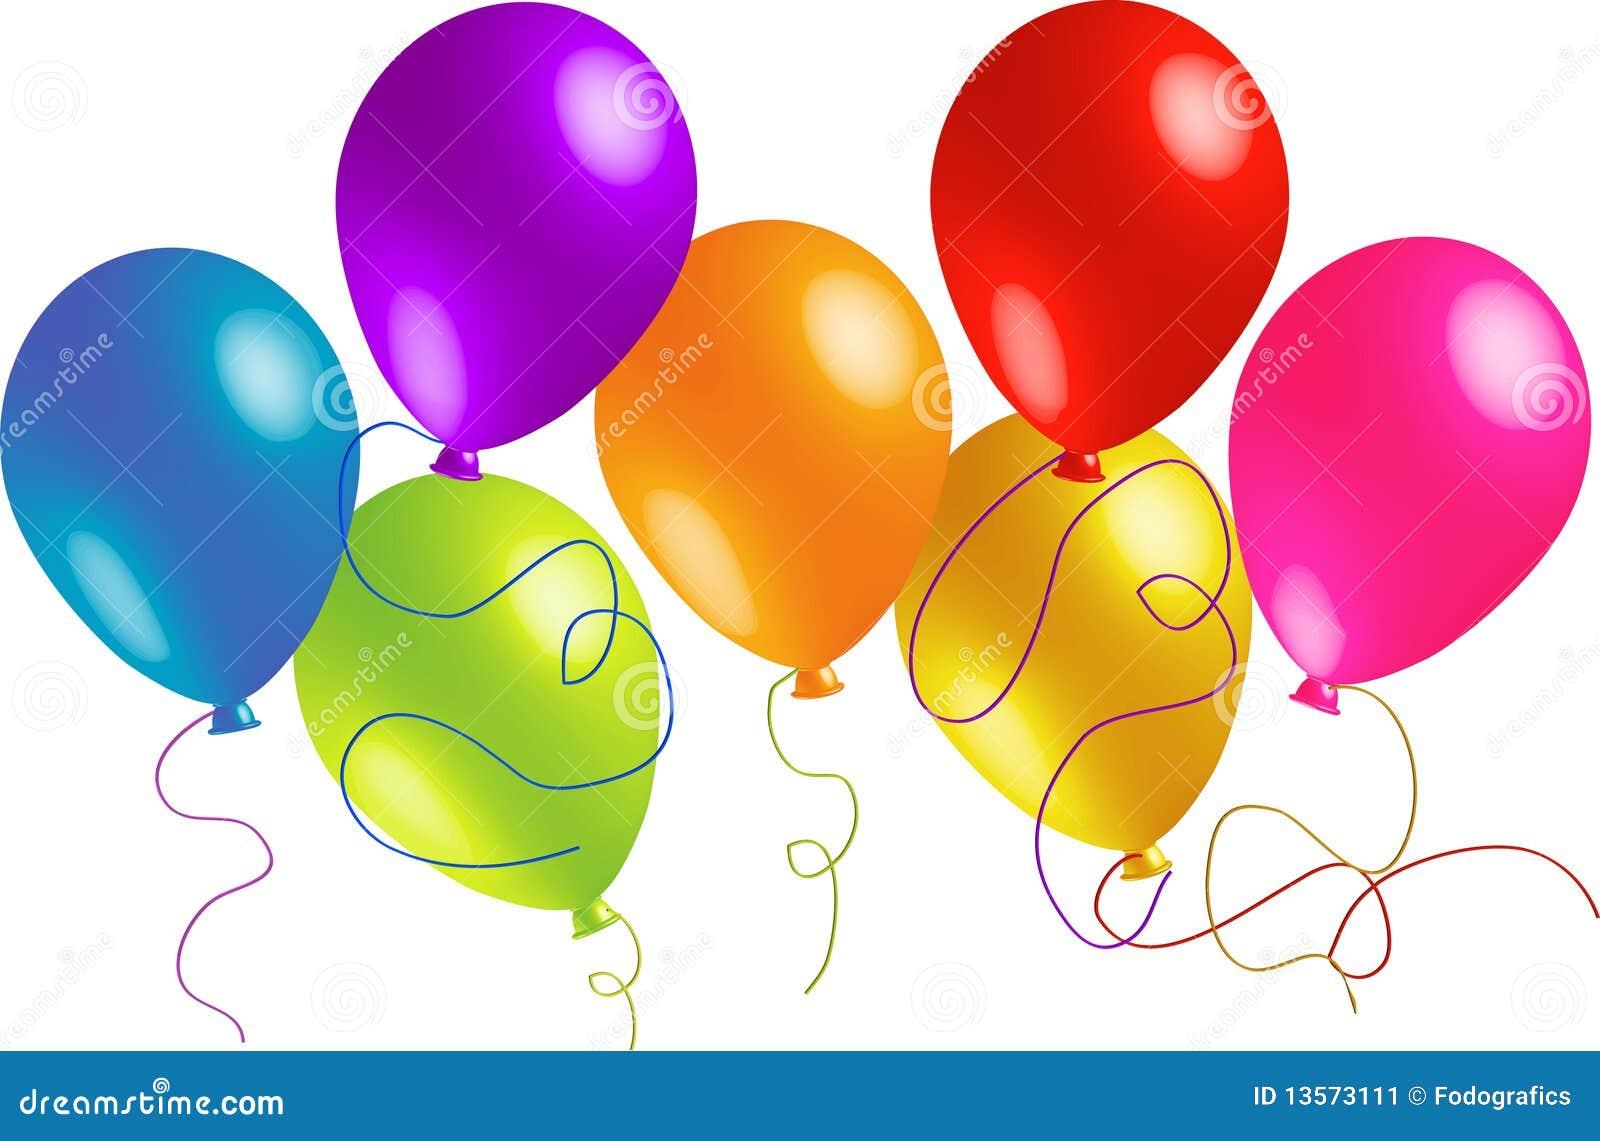 Sieben Schone Geburtstag Ballone Stock Abbildung Illustration Von